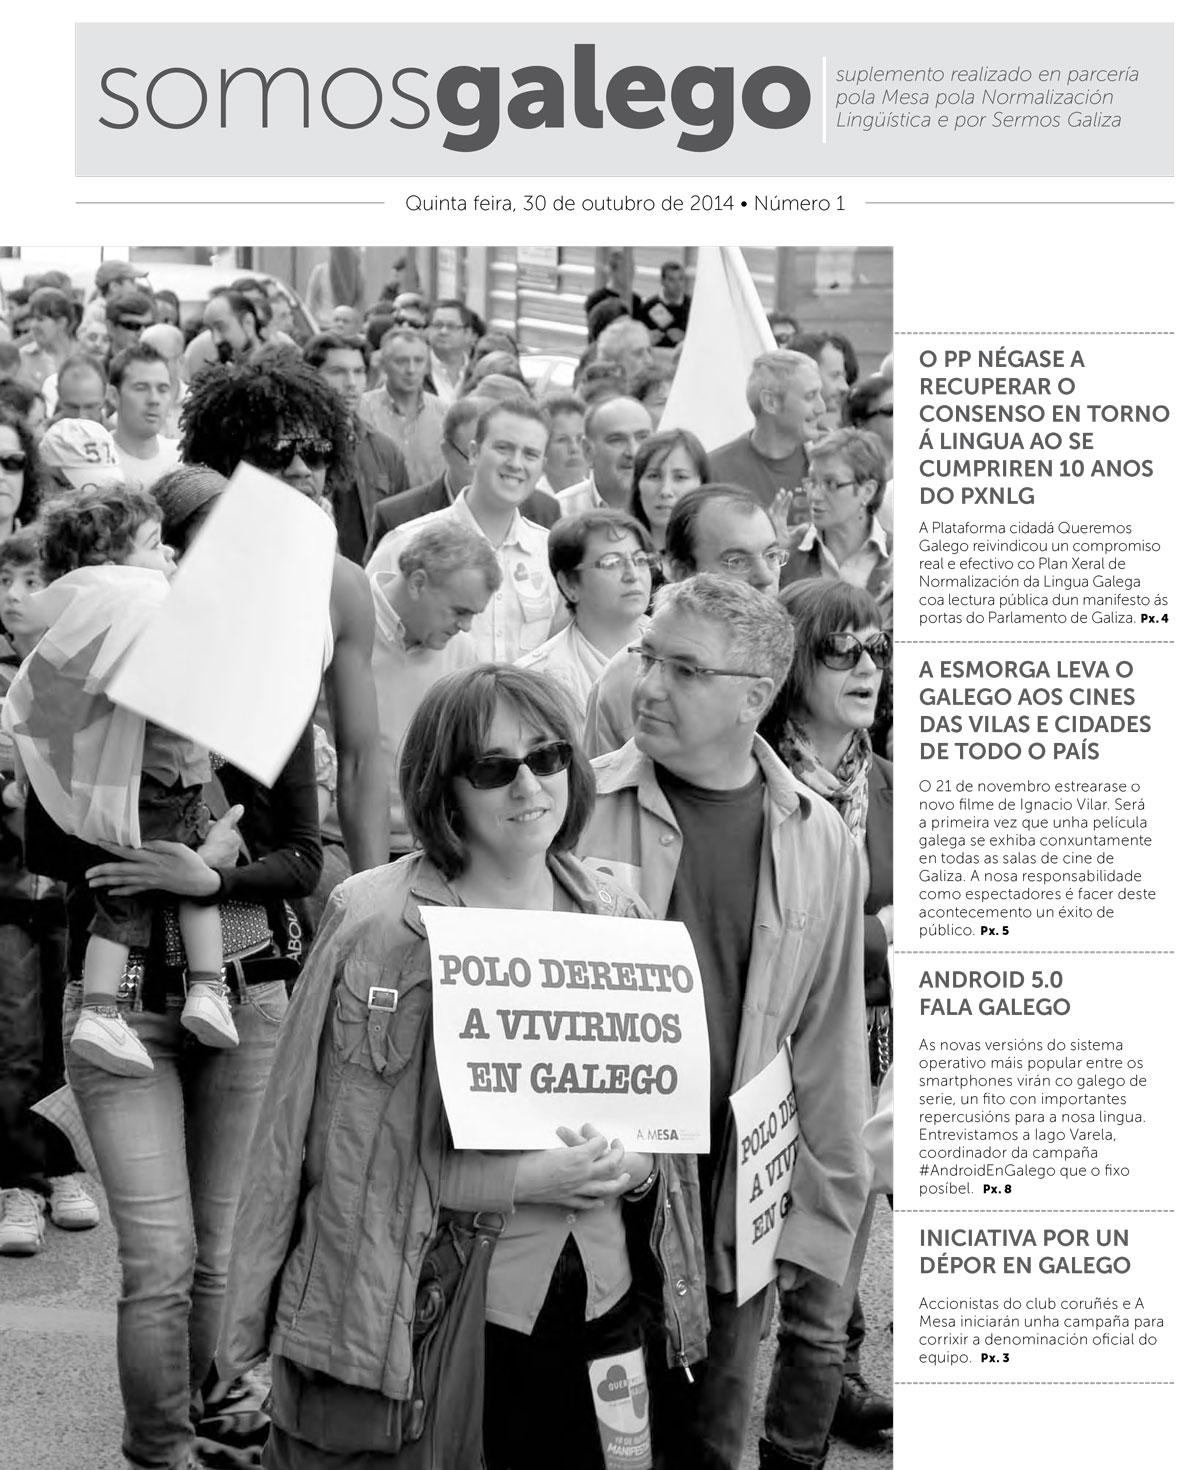 Somos Galego: Quinta feira, 30 de outubro de 2014 • Número 1